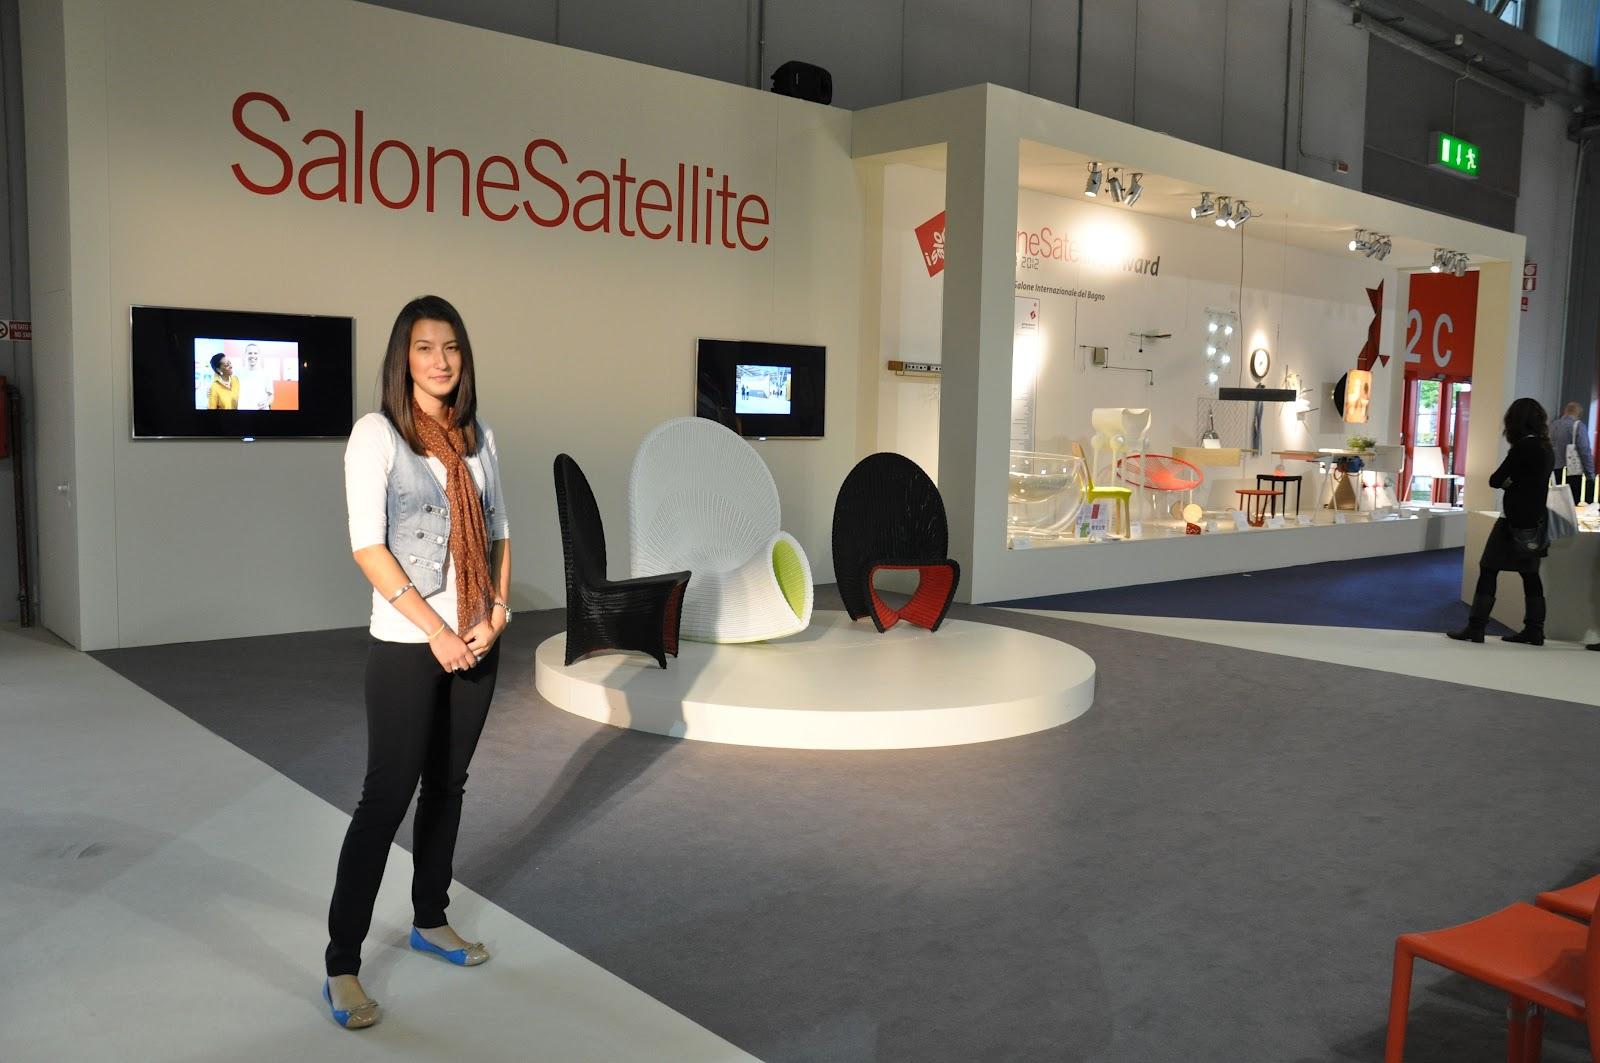 Industrial design in victoria australia jasna manolios for Salone satellite